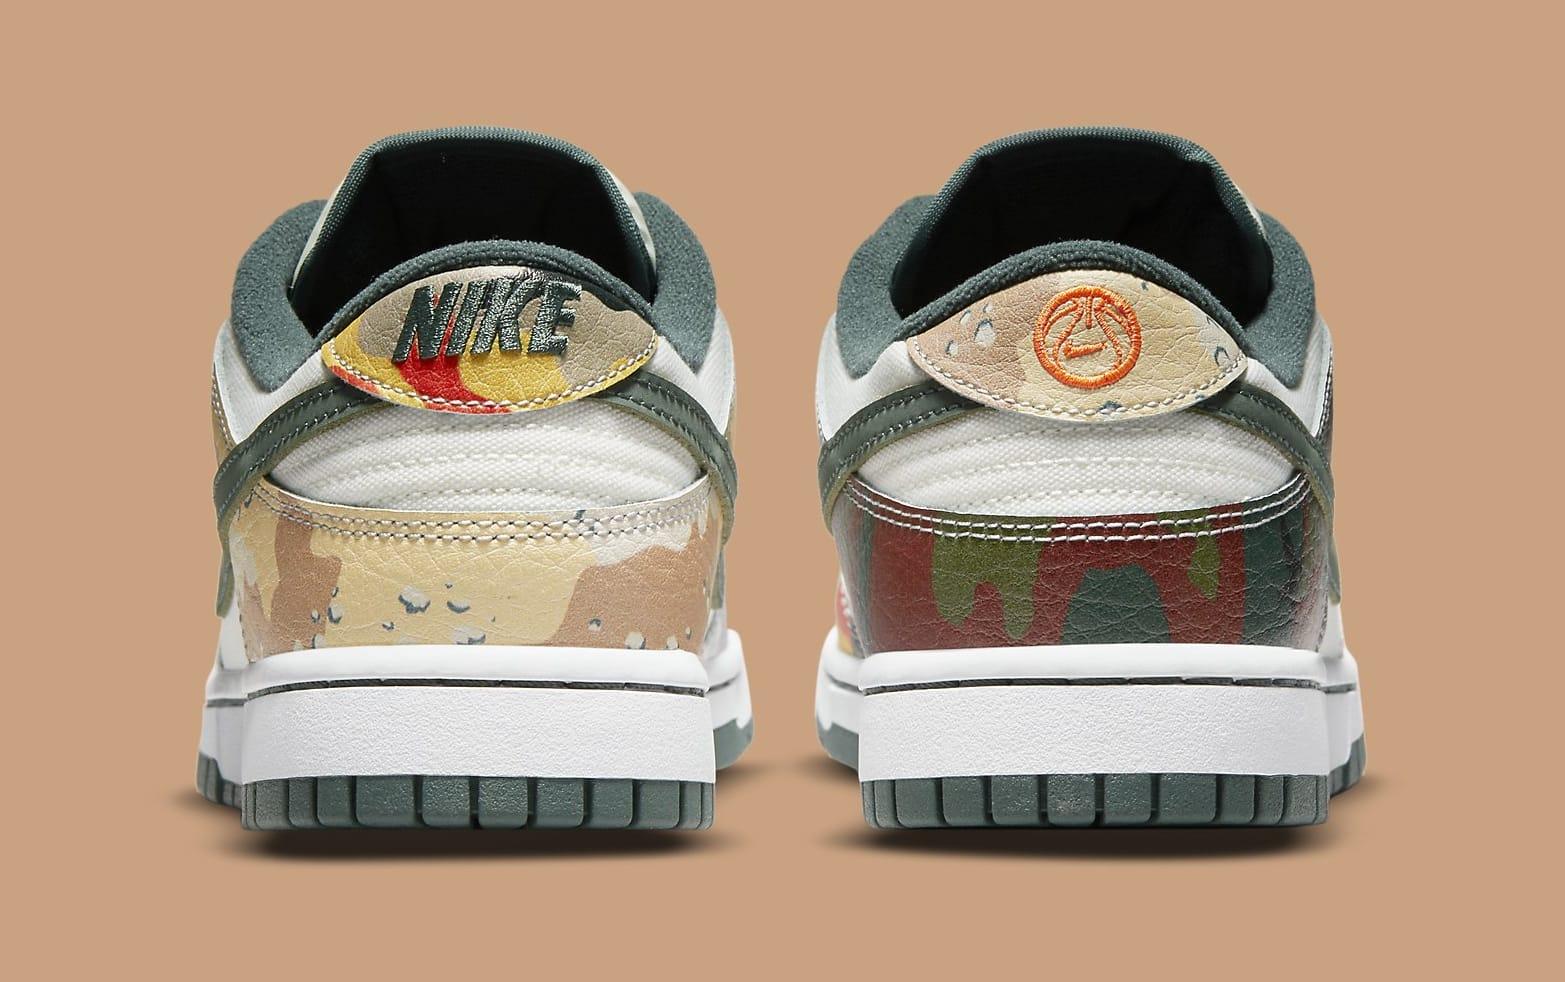 Nike Dunk Low 'Sail Multi-Camo' DH0957-100 Heel